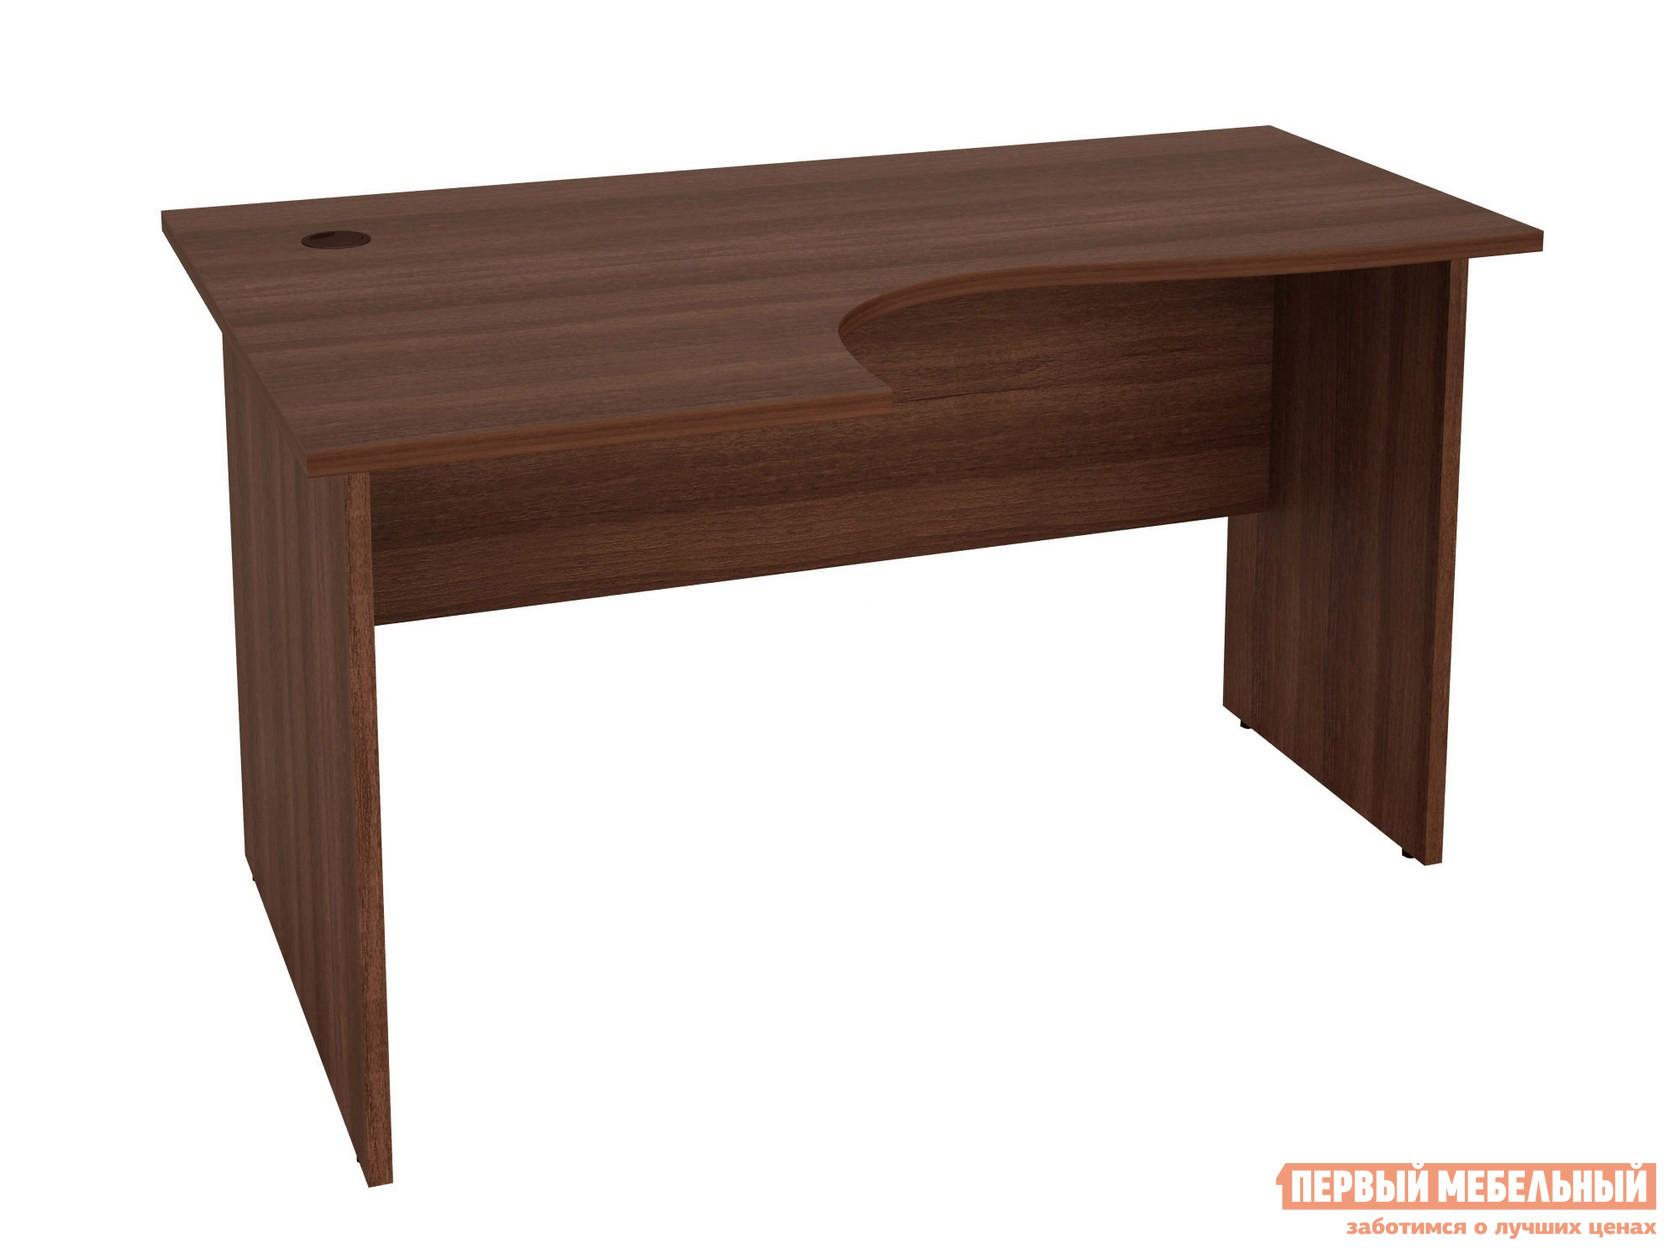 Компьютерный стол Витра 61(62).62 письменный стол витра 61 62 19